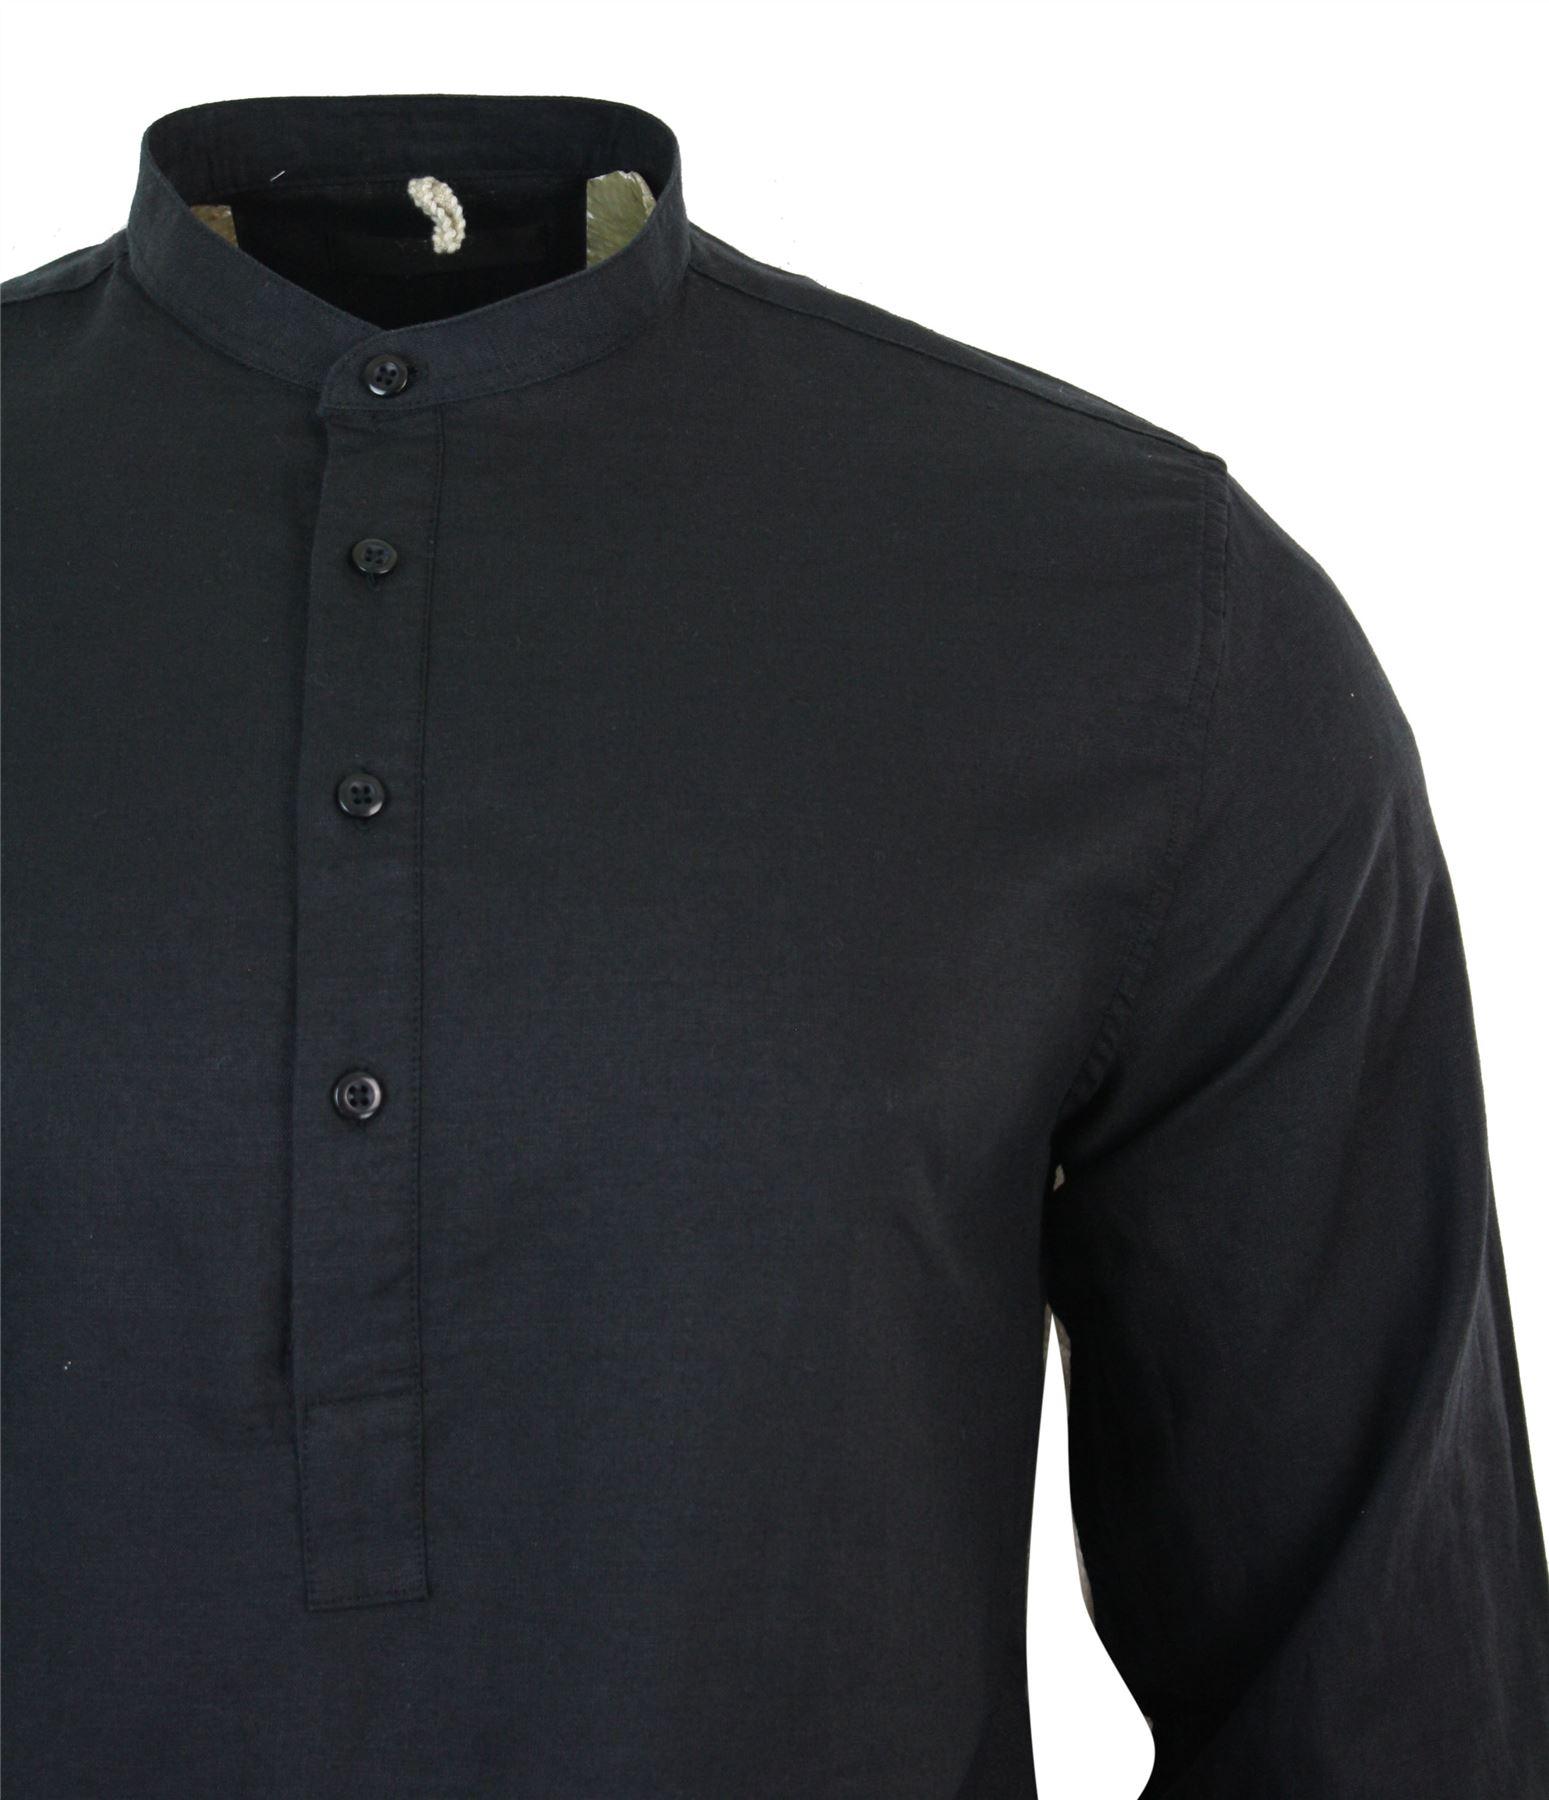 Mens Cotton Linen Grandad Nehru Collar Half Button Placket Shirt